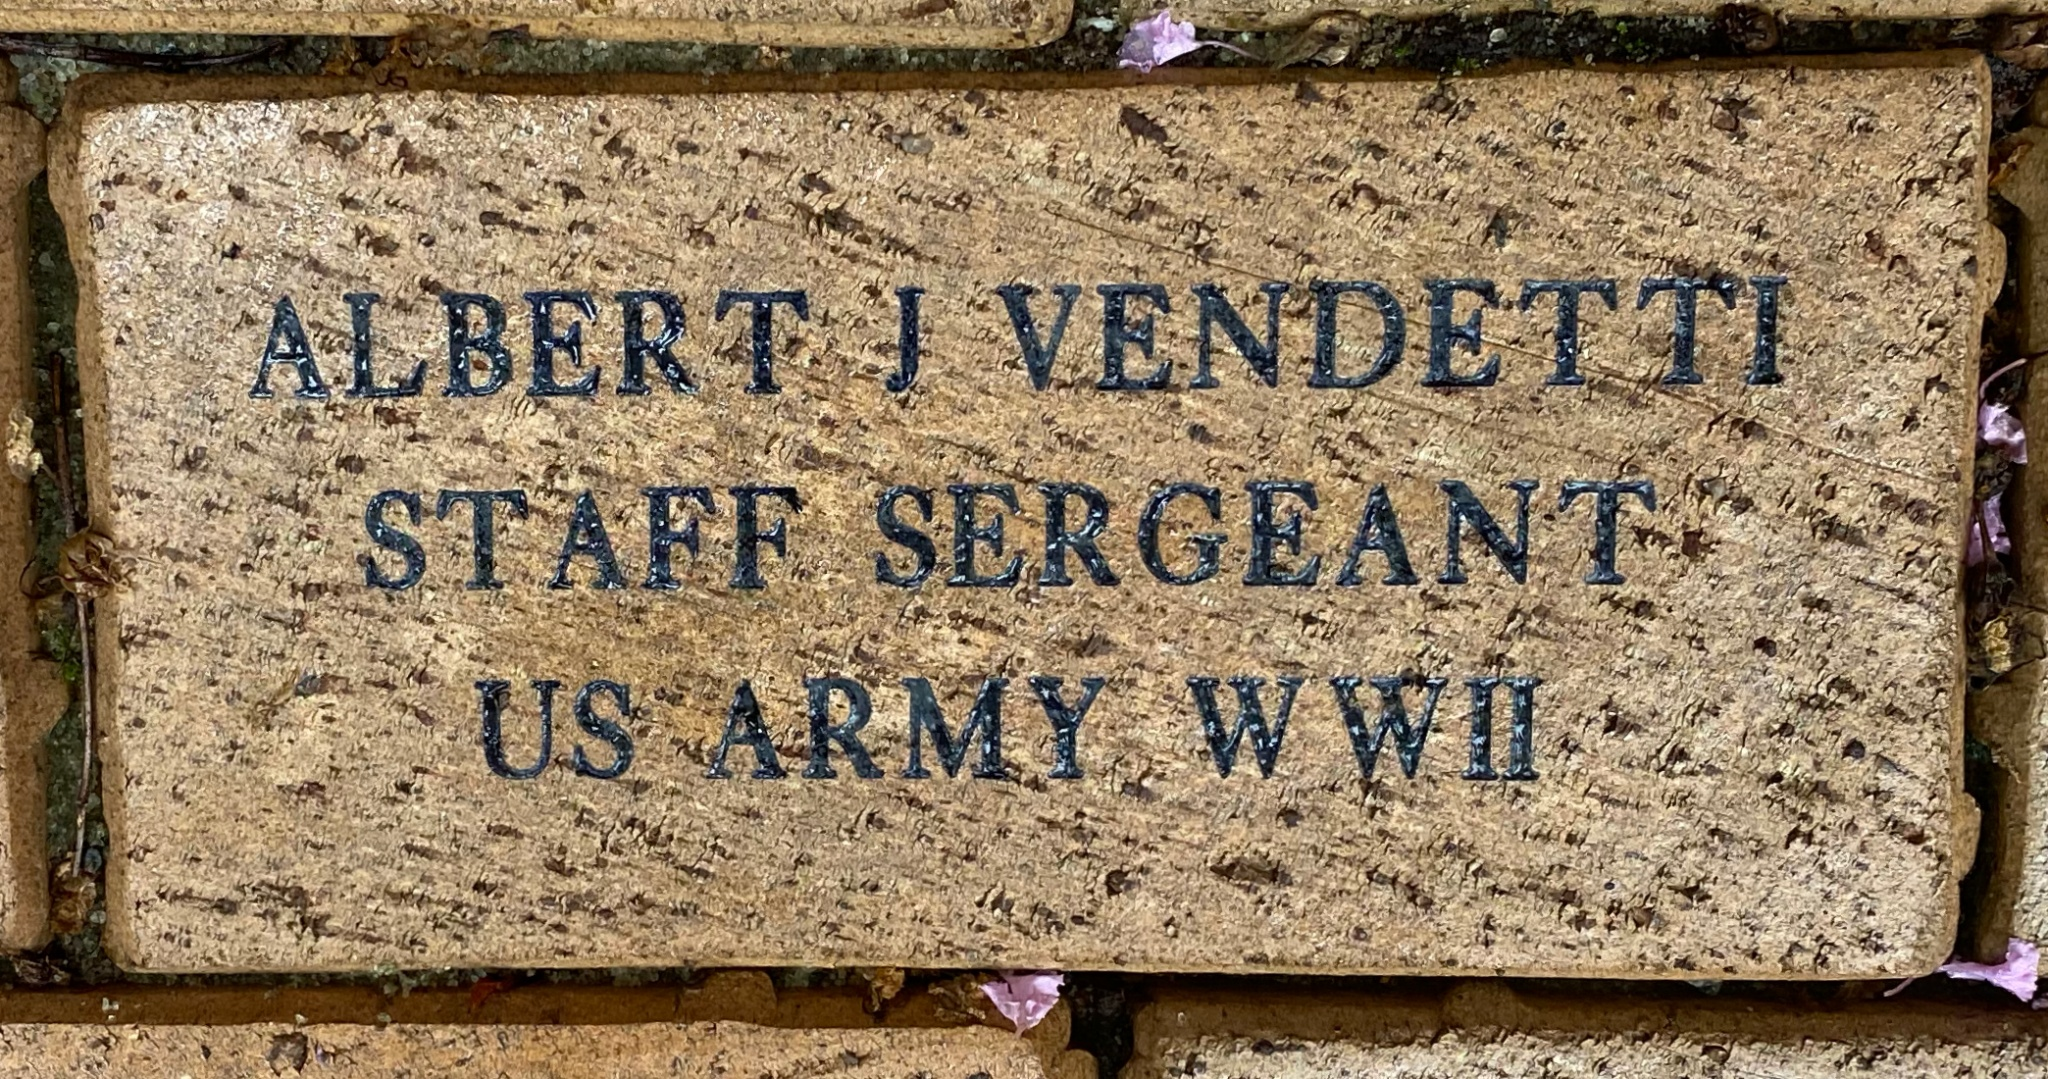 ALBERT J VENDETTI STAFF SERGEANT US ARMY WWII